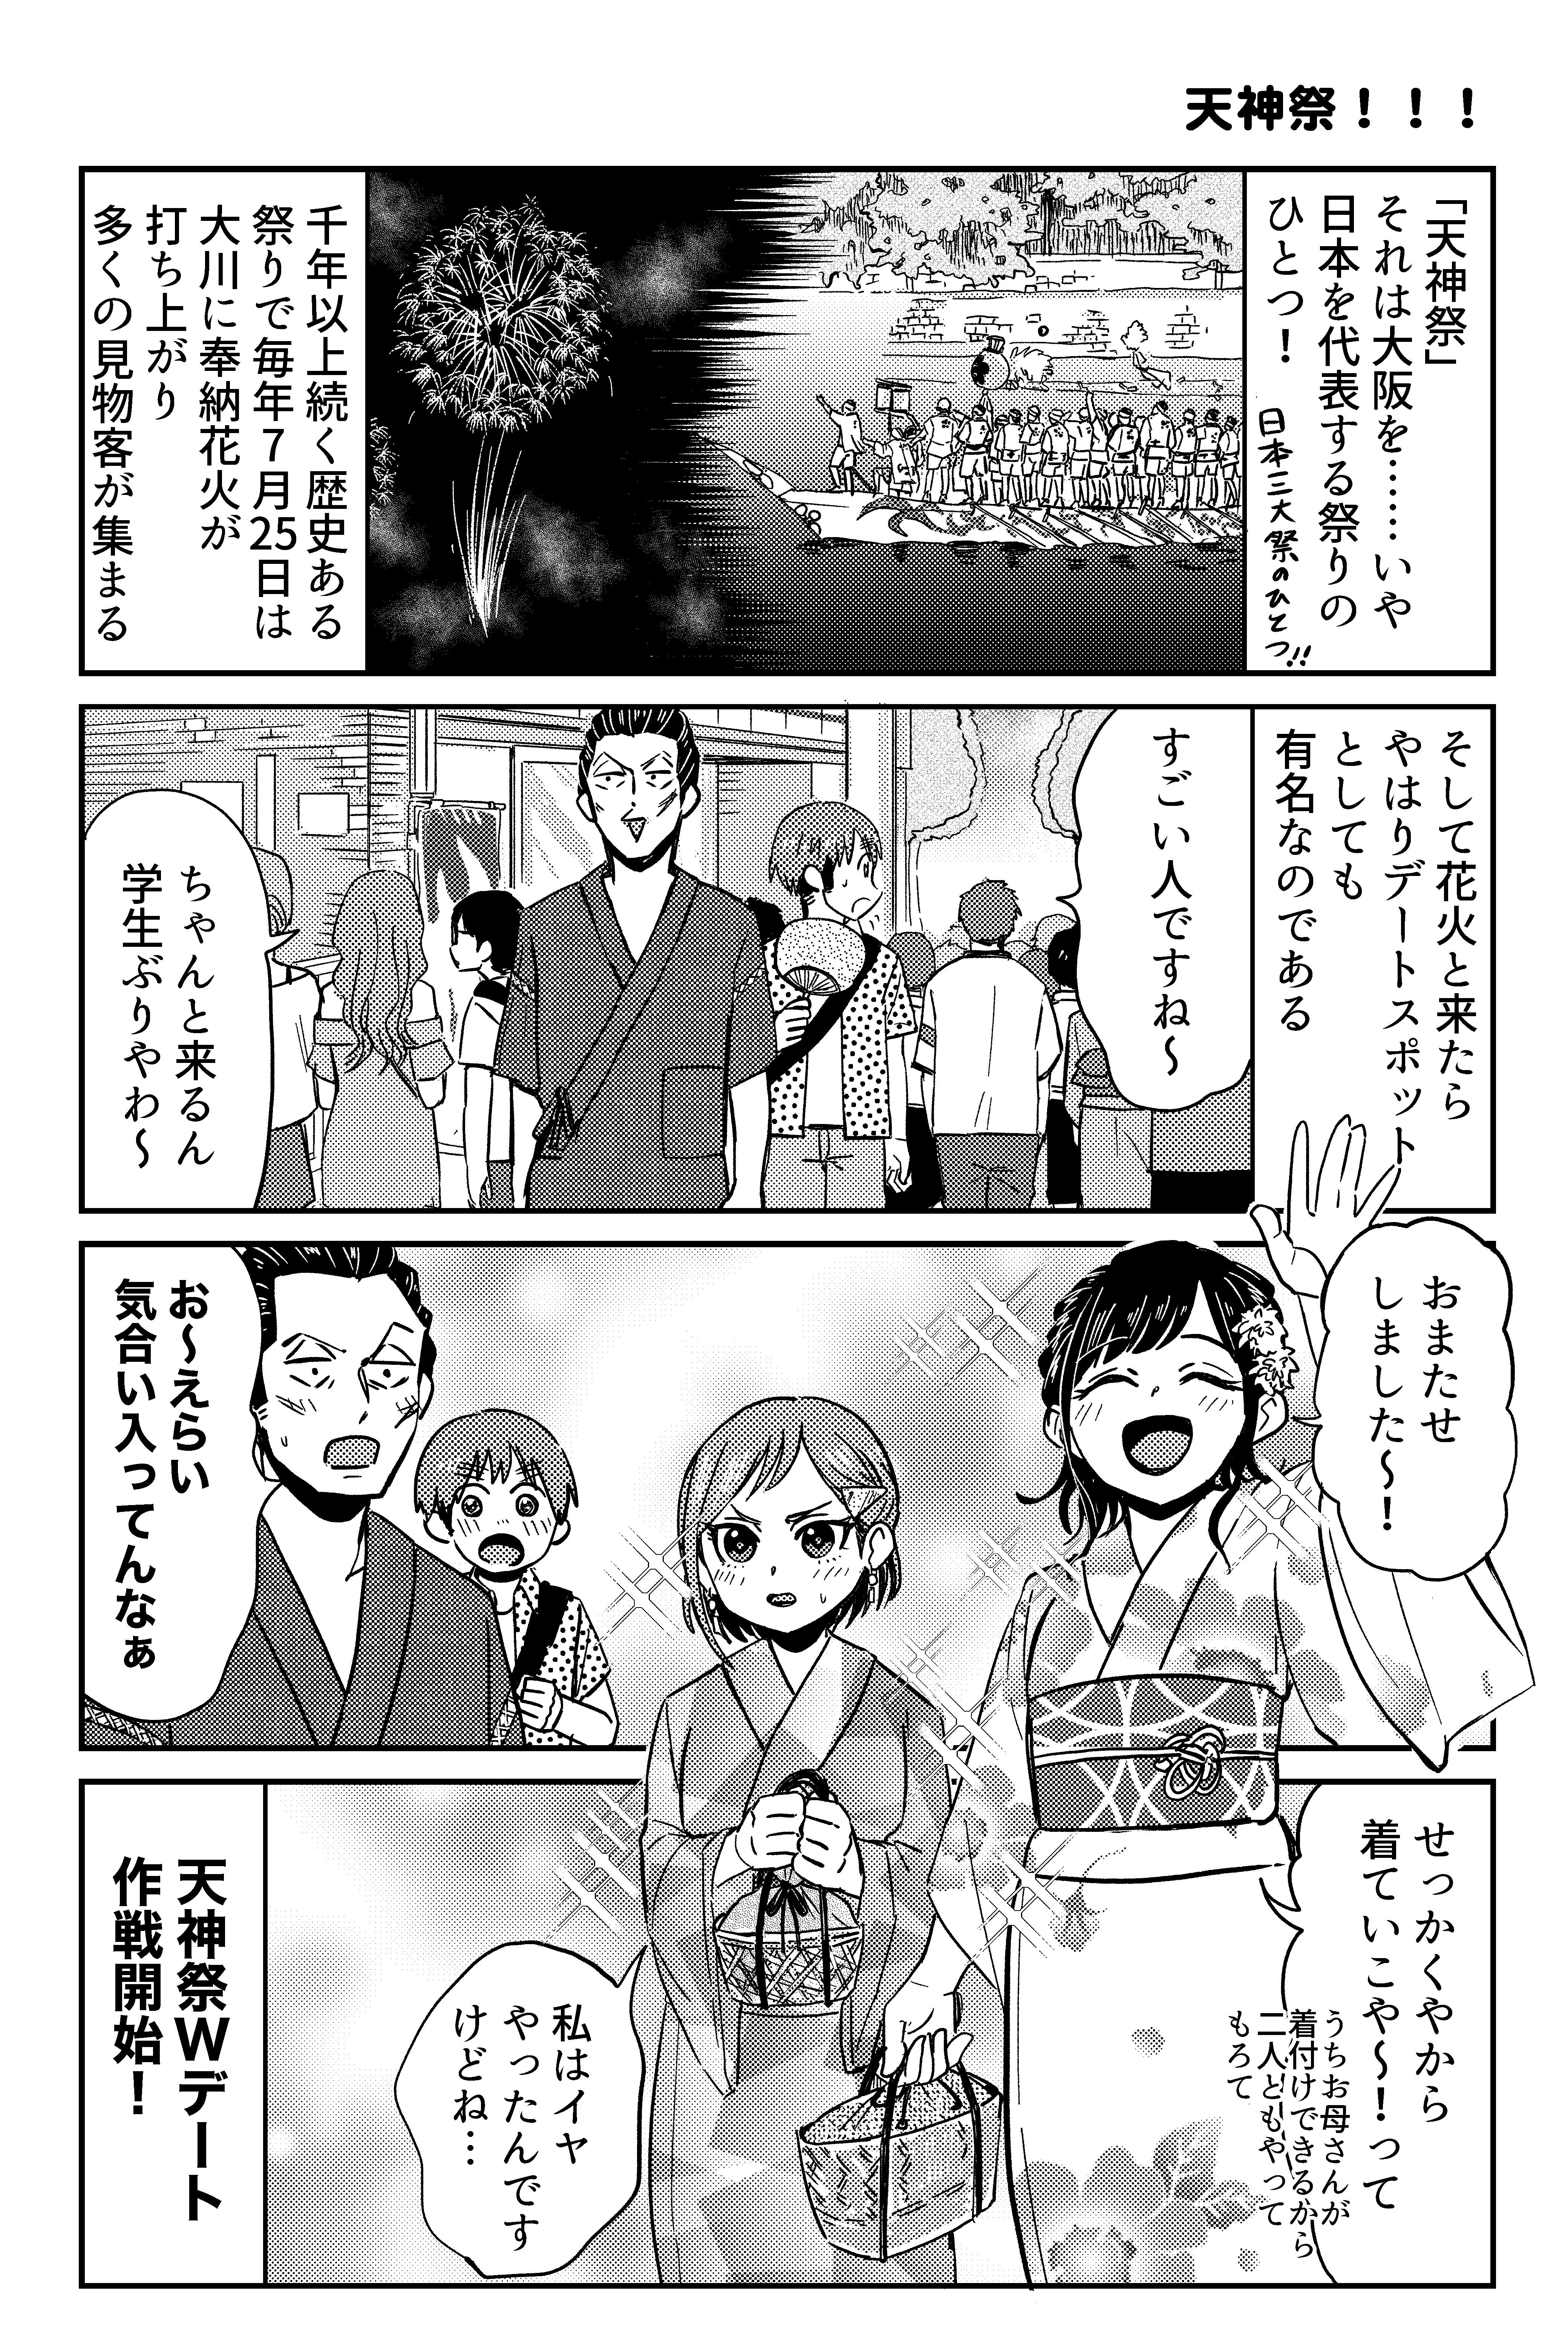 大阪ちゅーとリアル(大阪人は『大阪焼き』知らないって本当?)